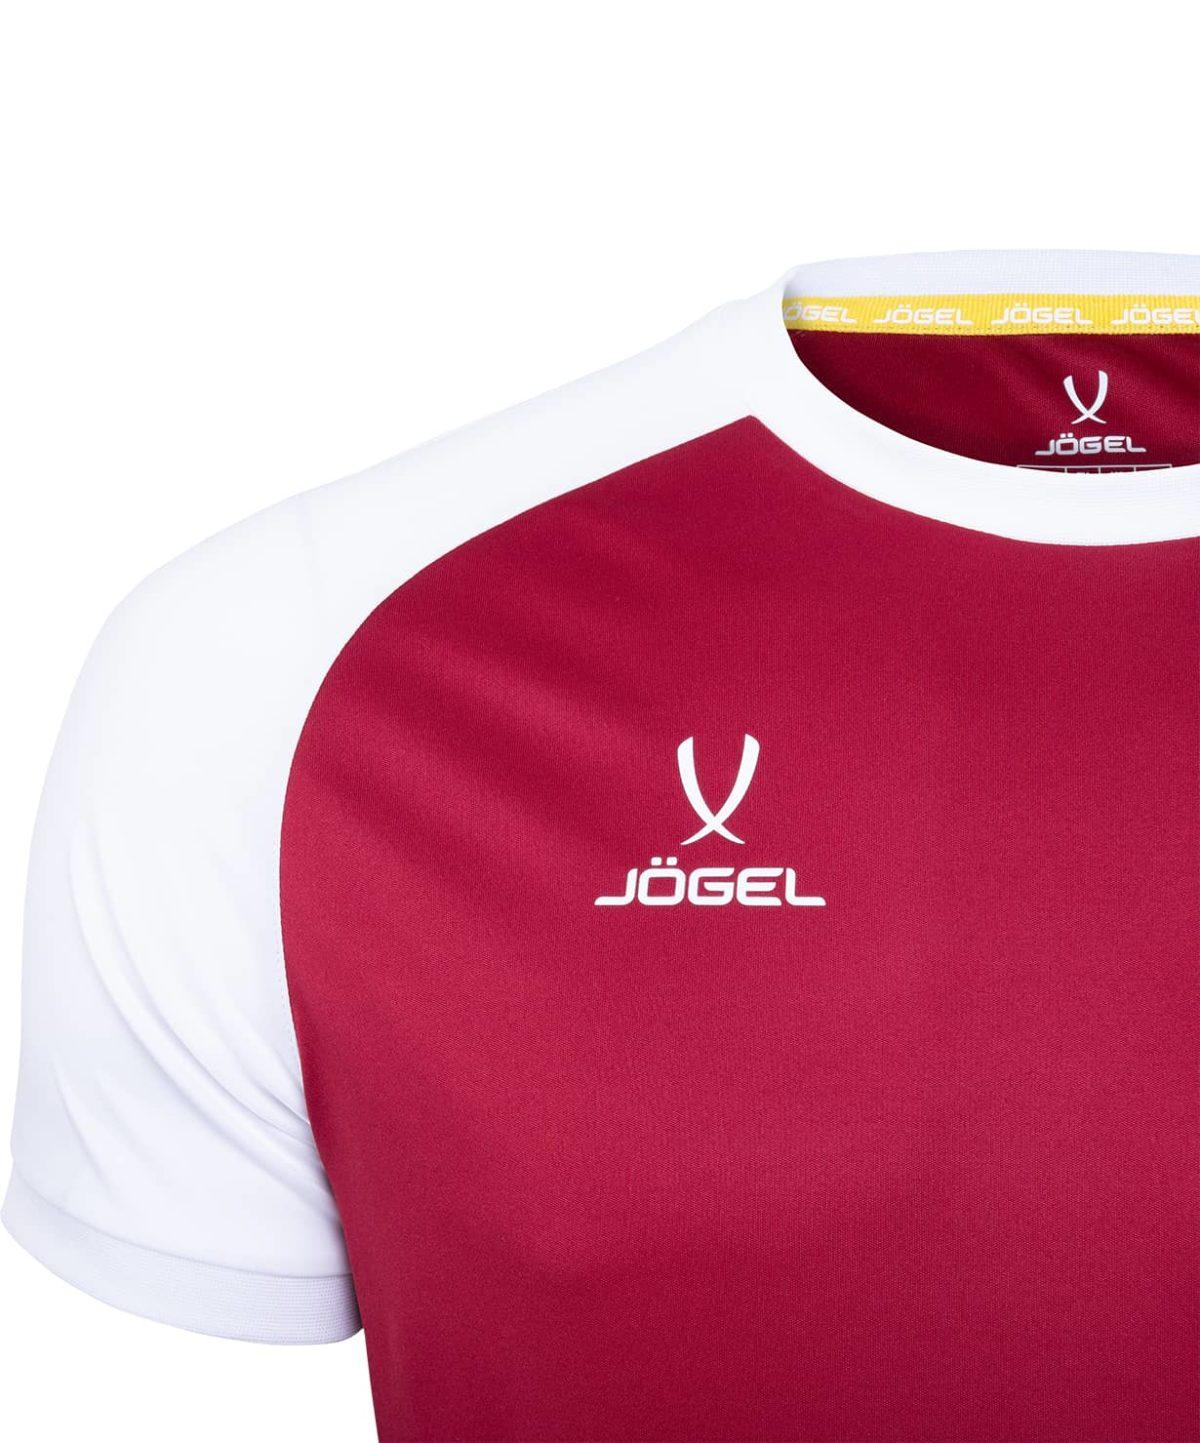 JOGEL CAMP Reglan футболка футбольная детская, гранатовый/белый  JFT-1021-G1-K - 3